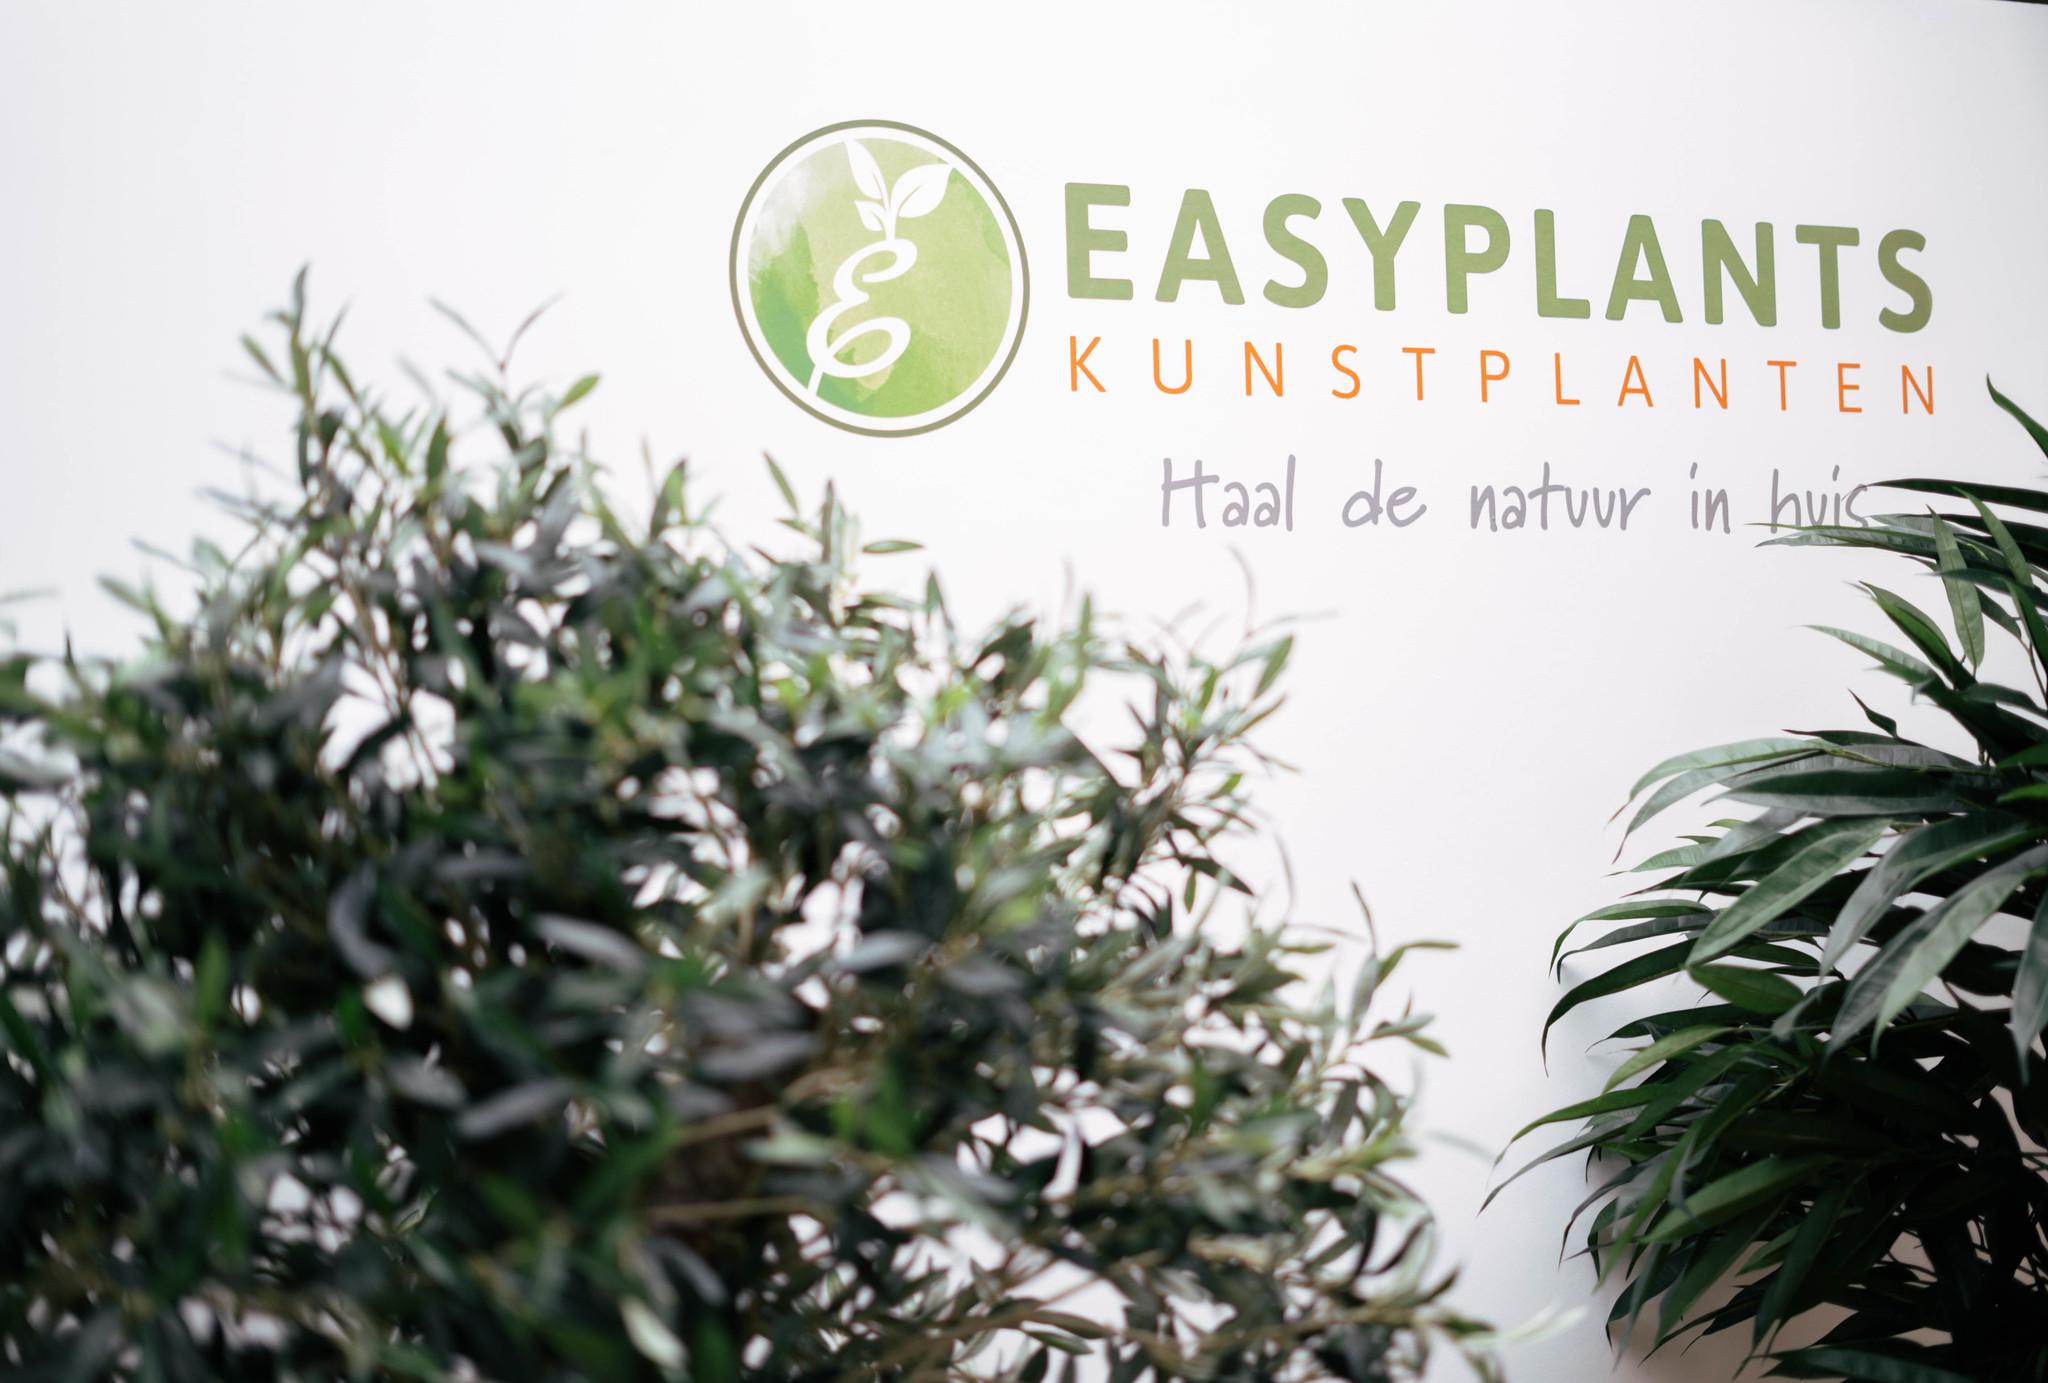 Easyplants Kunstplanten in het AD!